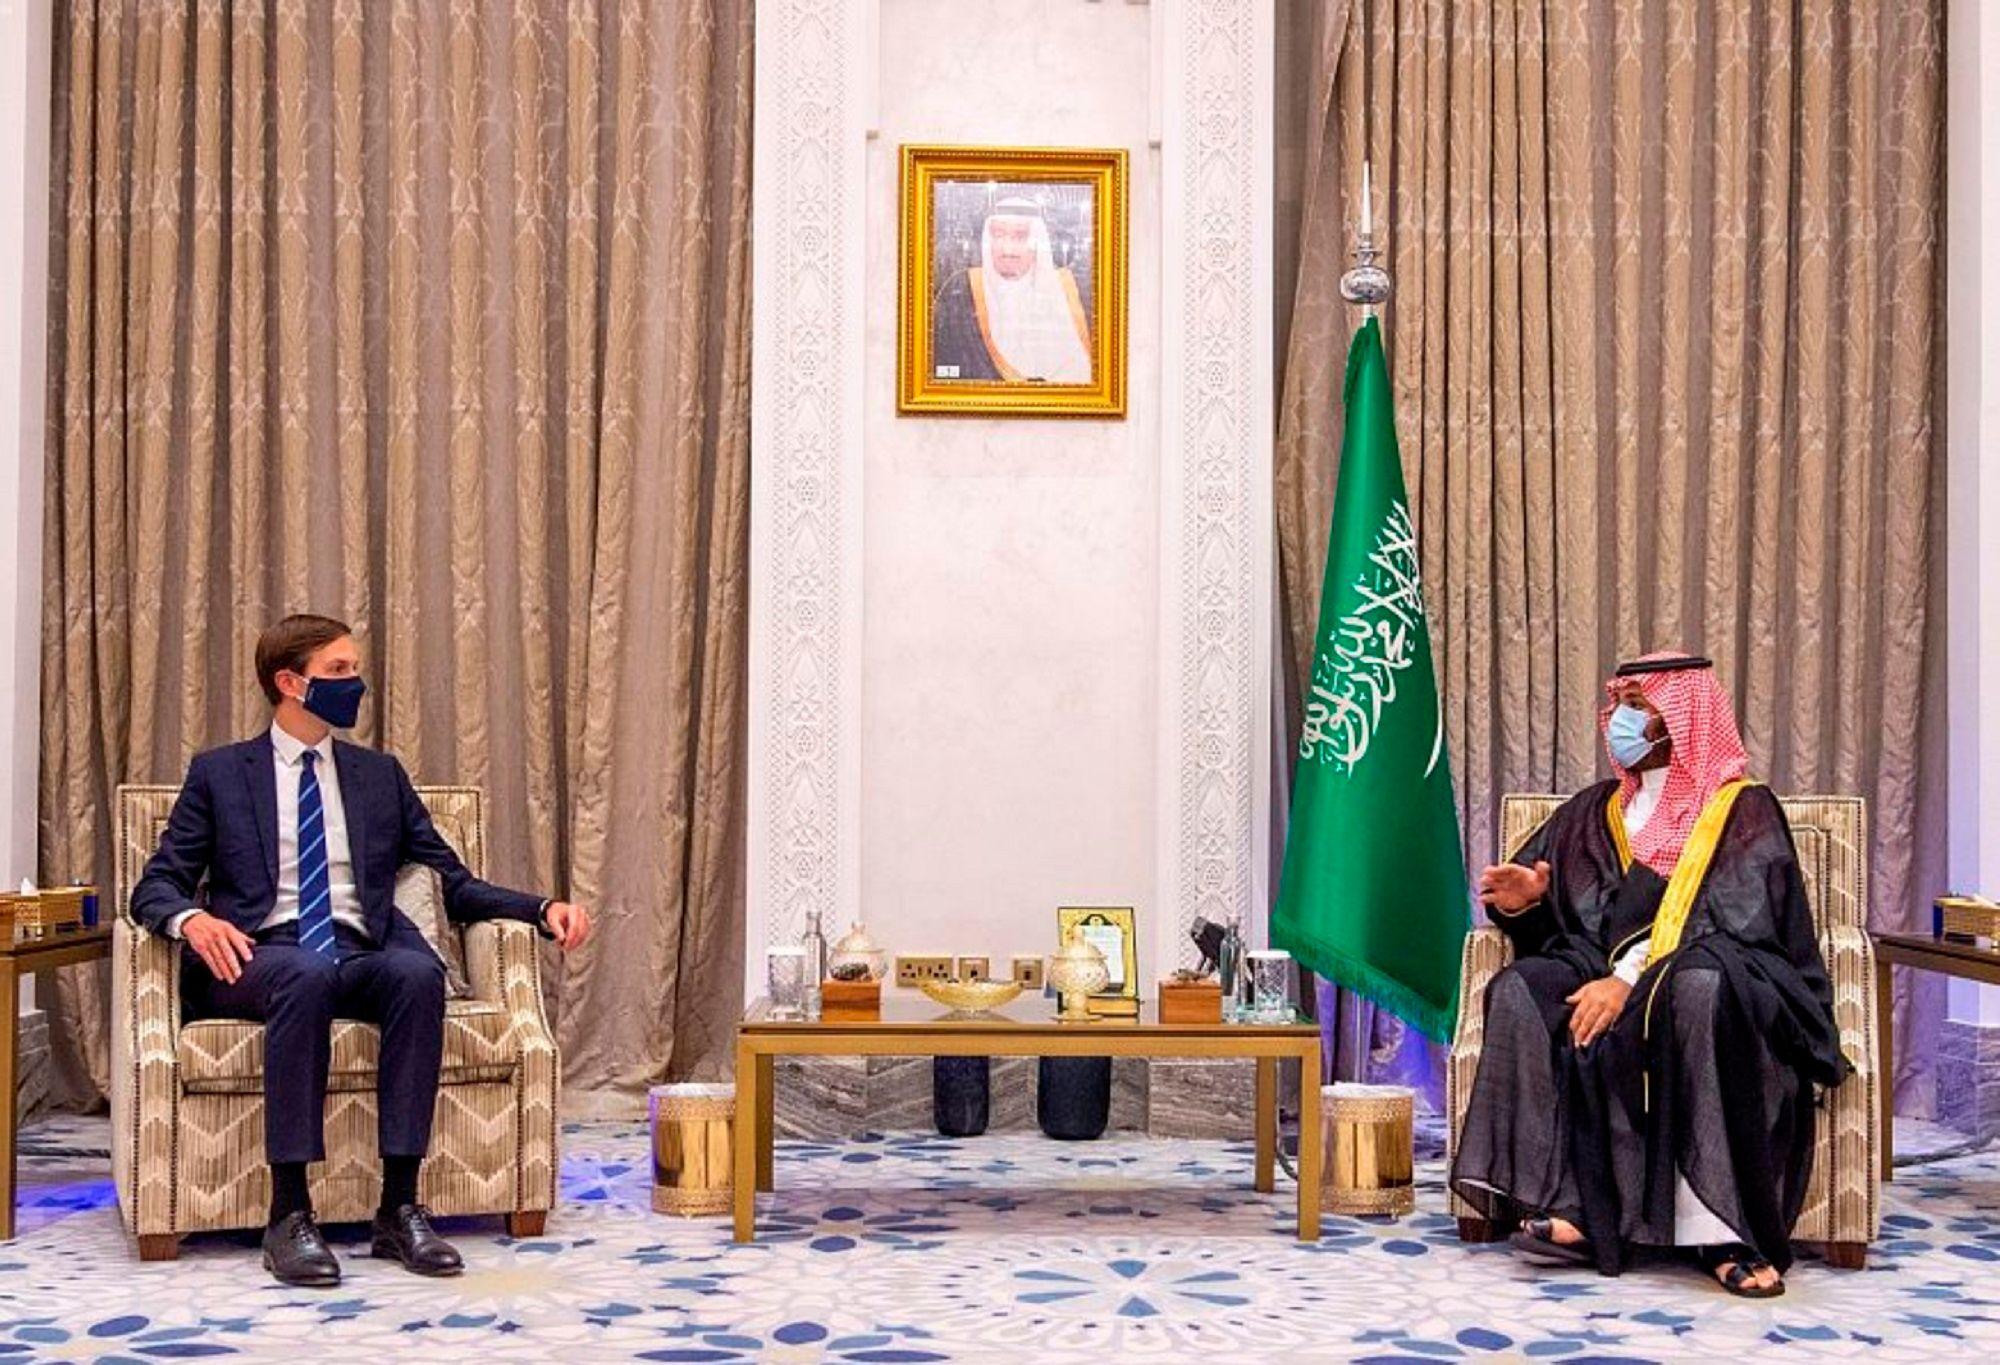 ما هو الدور الذي برع فيه كوشنر في حل الخلاف بين قطر والسعودية